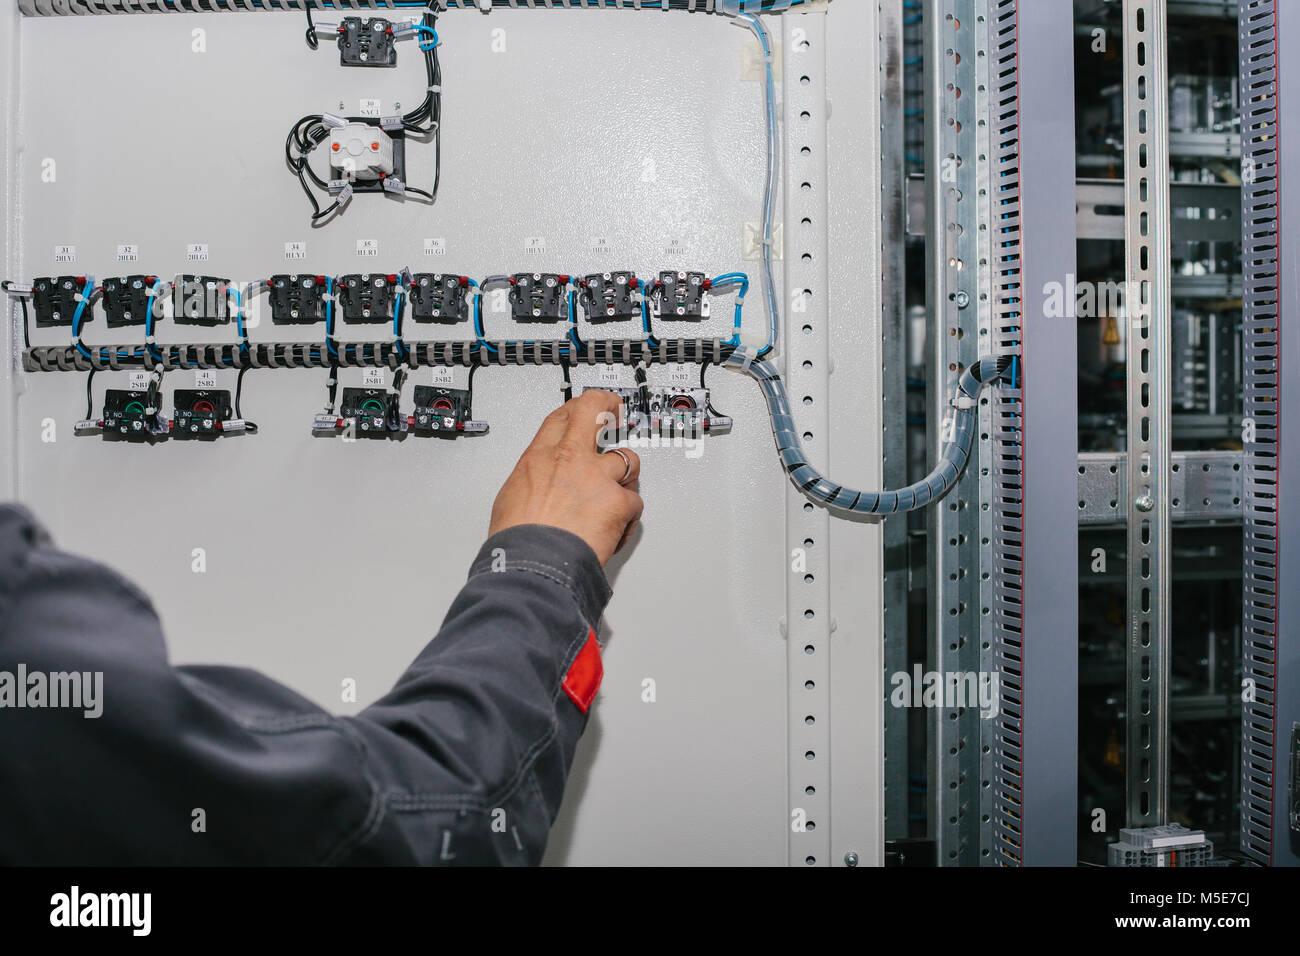 Fantastisch Niederspannungs Kabelstecker Galerie - Elektrische ...